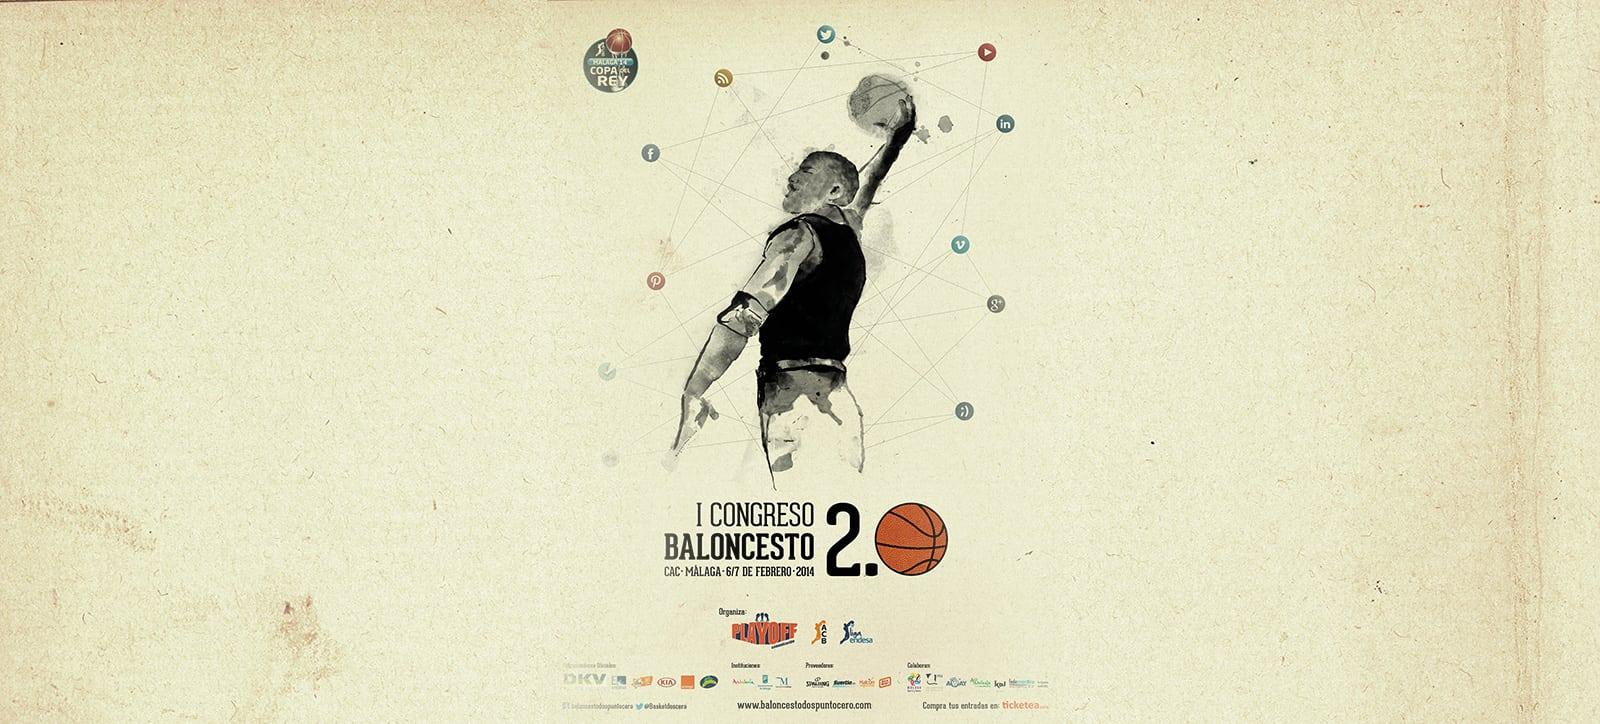 Tuenti Móvil Estudiantes, en el Congreso de Baloncesto 2.0 de la Copa del Rey